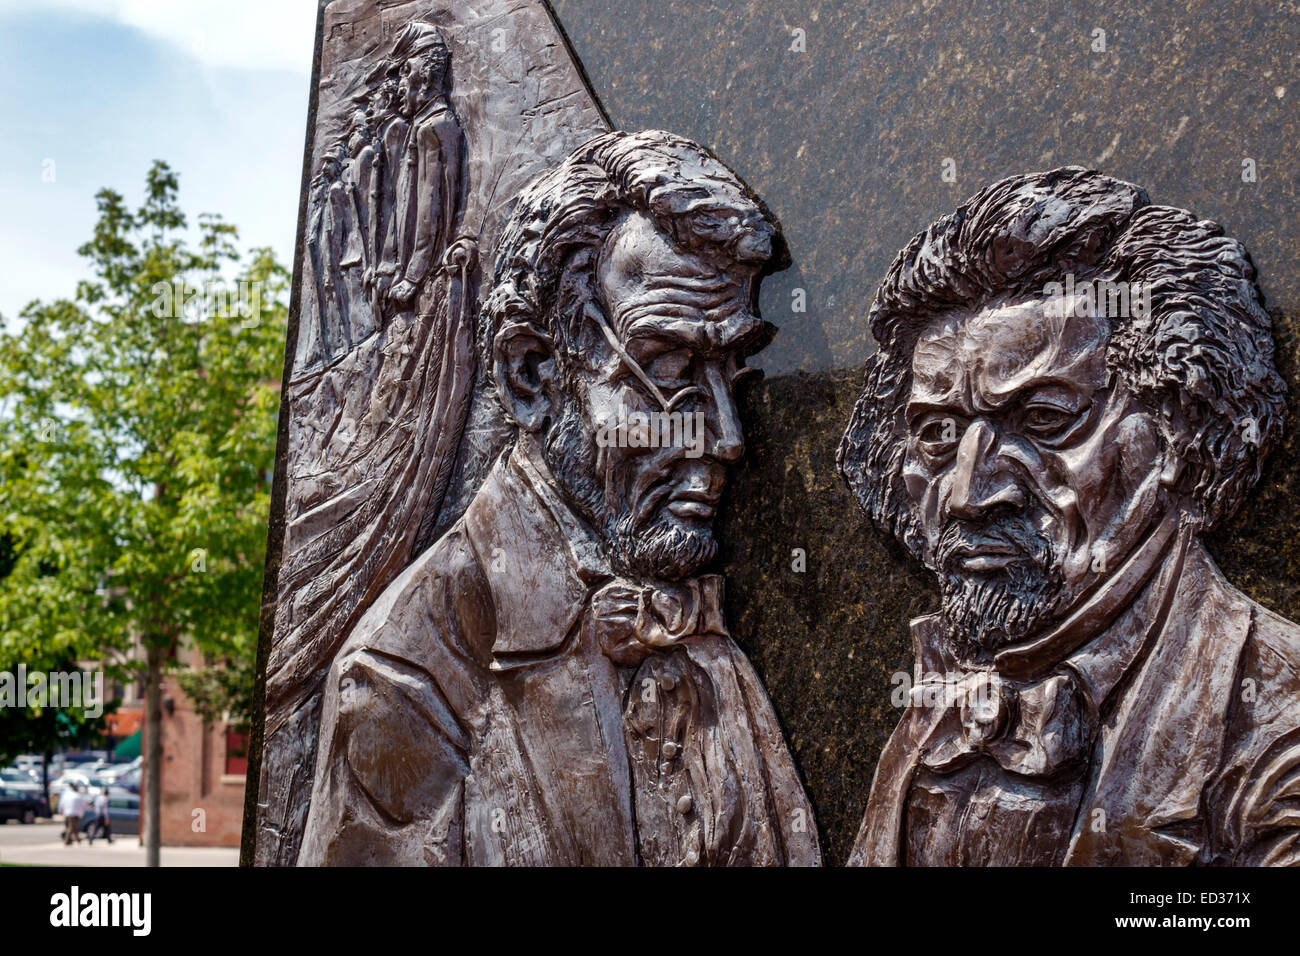 Illinois Decatur public art sculpture Abraham Lincoln Frederick Douglass - Stock Image